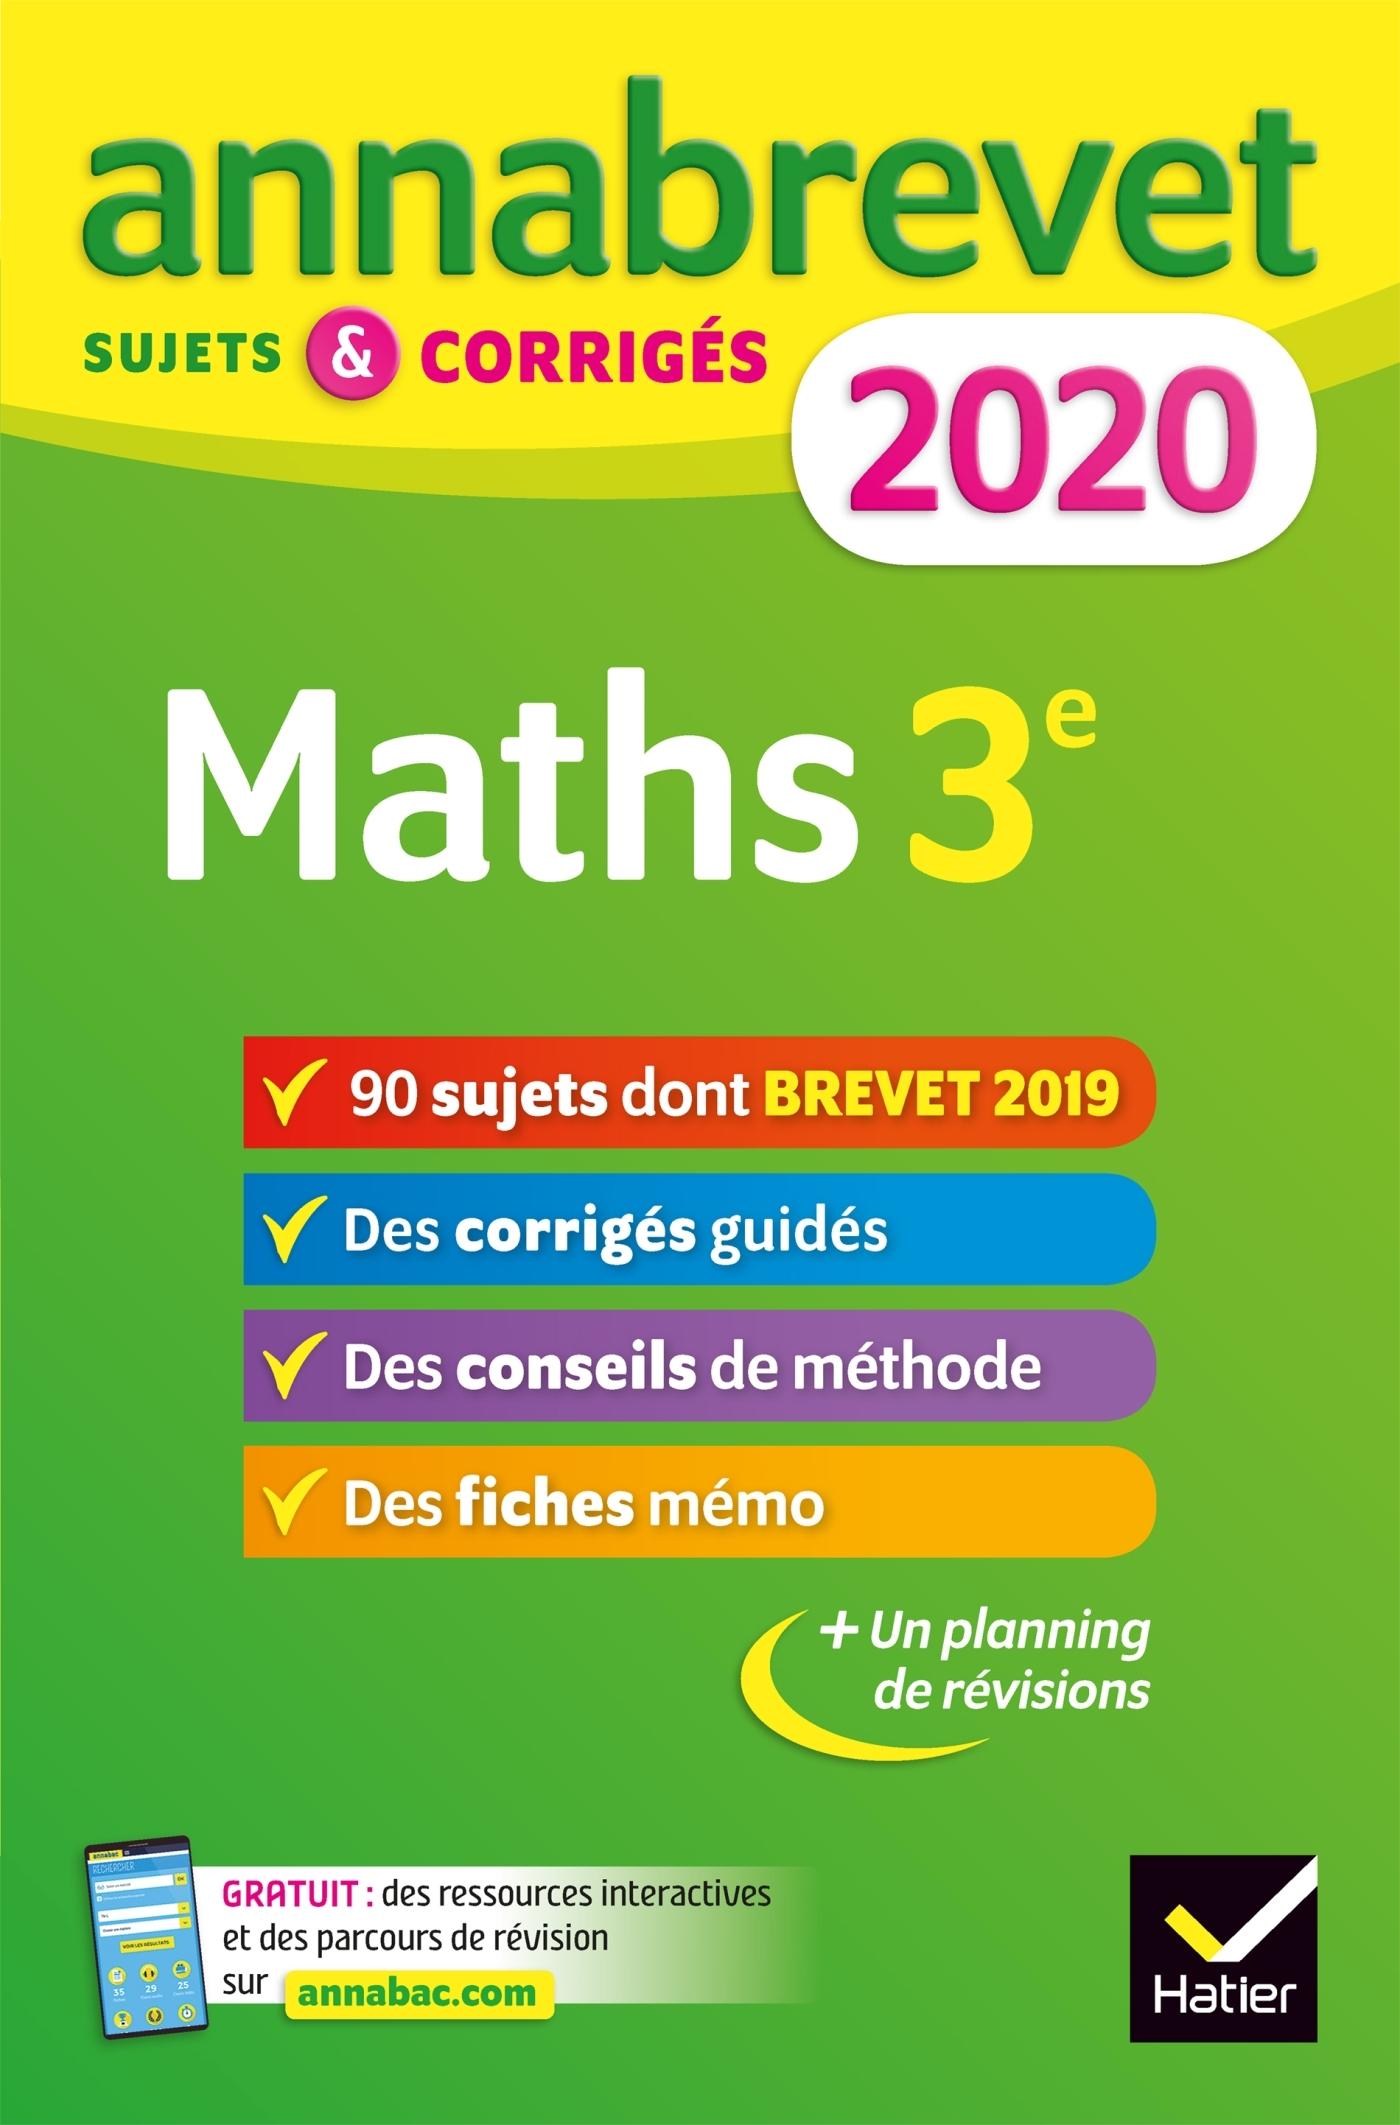 ANNALES DU BREVET ANNABREVET 2020 MATHS 3E - 90 SUJETS CORRIGES